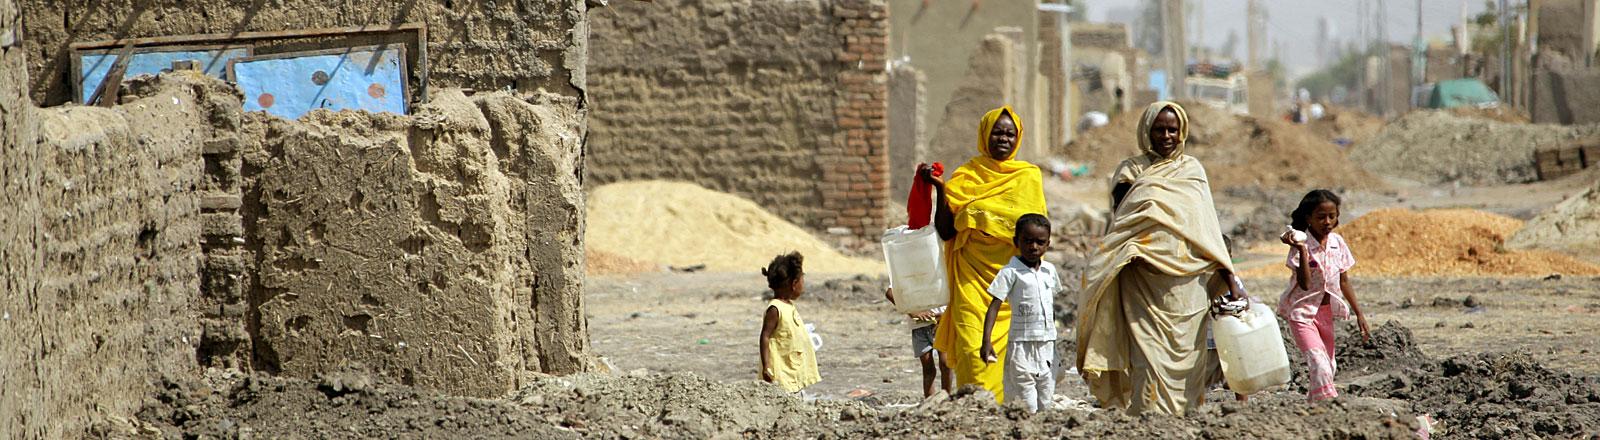 Durch Ruinen gehen sudanesische Frauen mit Kanistern zur einer Wasserstelle in der Stadt Kosti rund 300 Kilometer südlich von der Hauptstadt Khartum im Sudan.